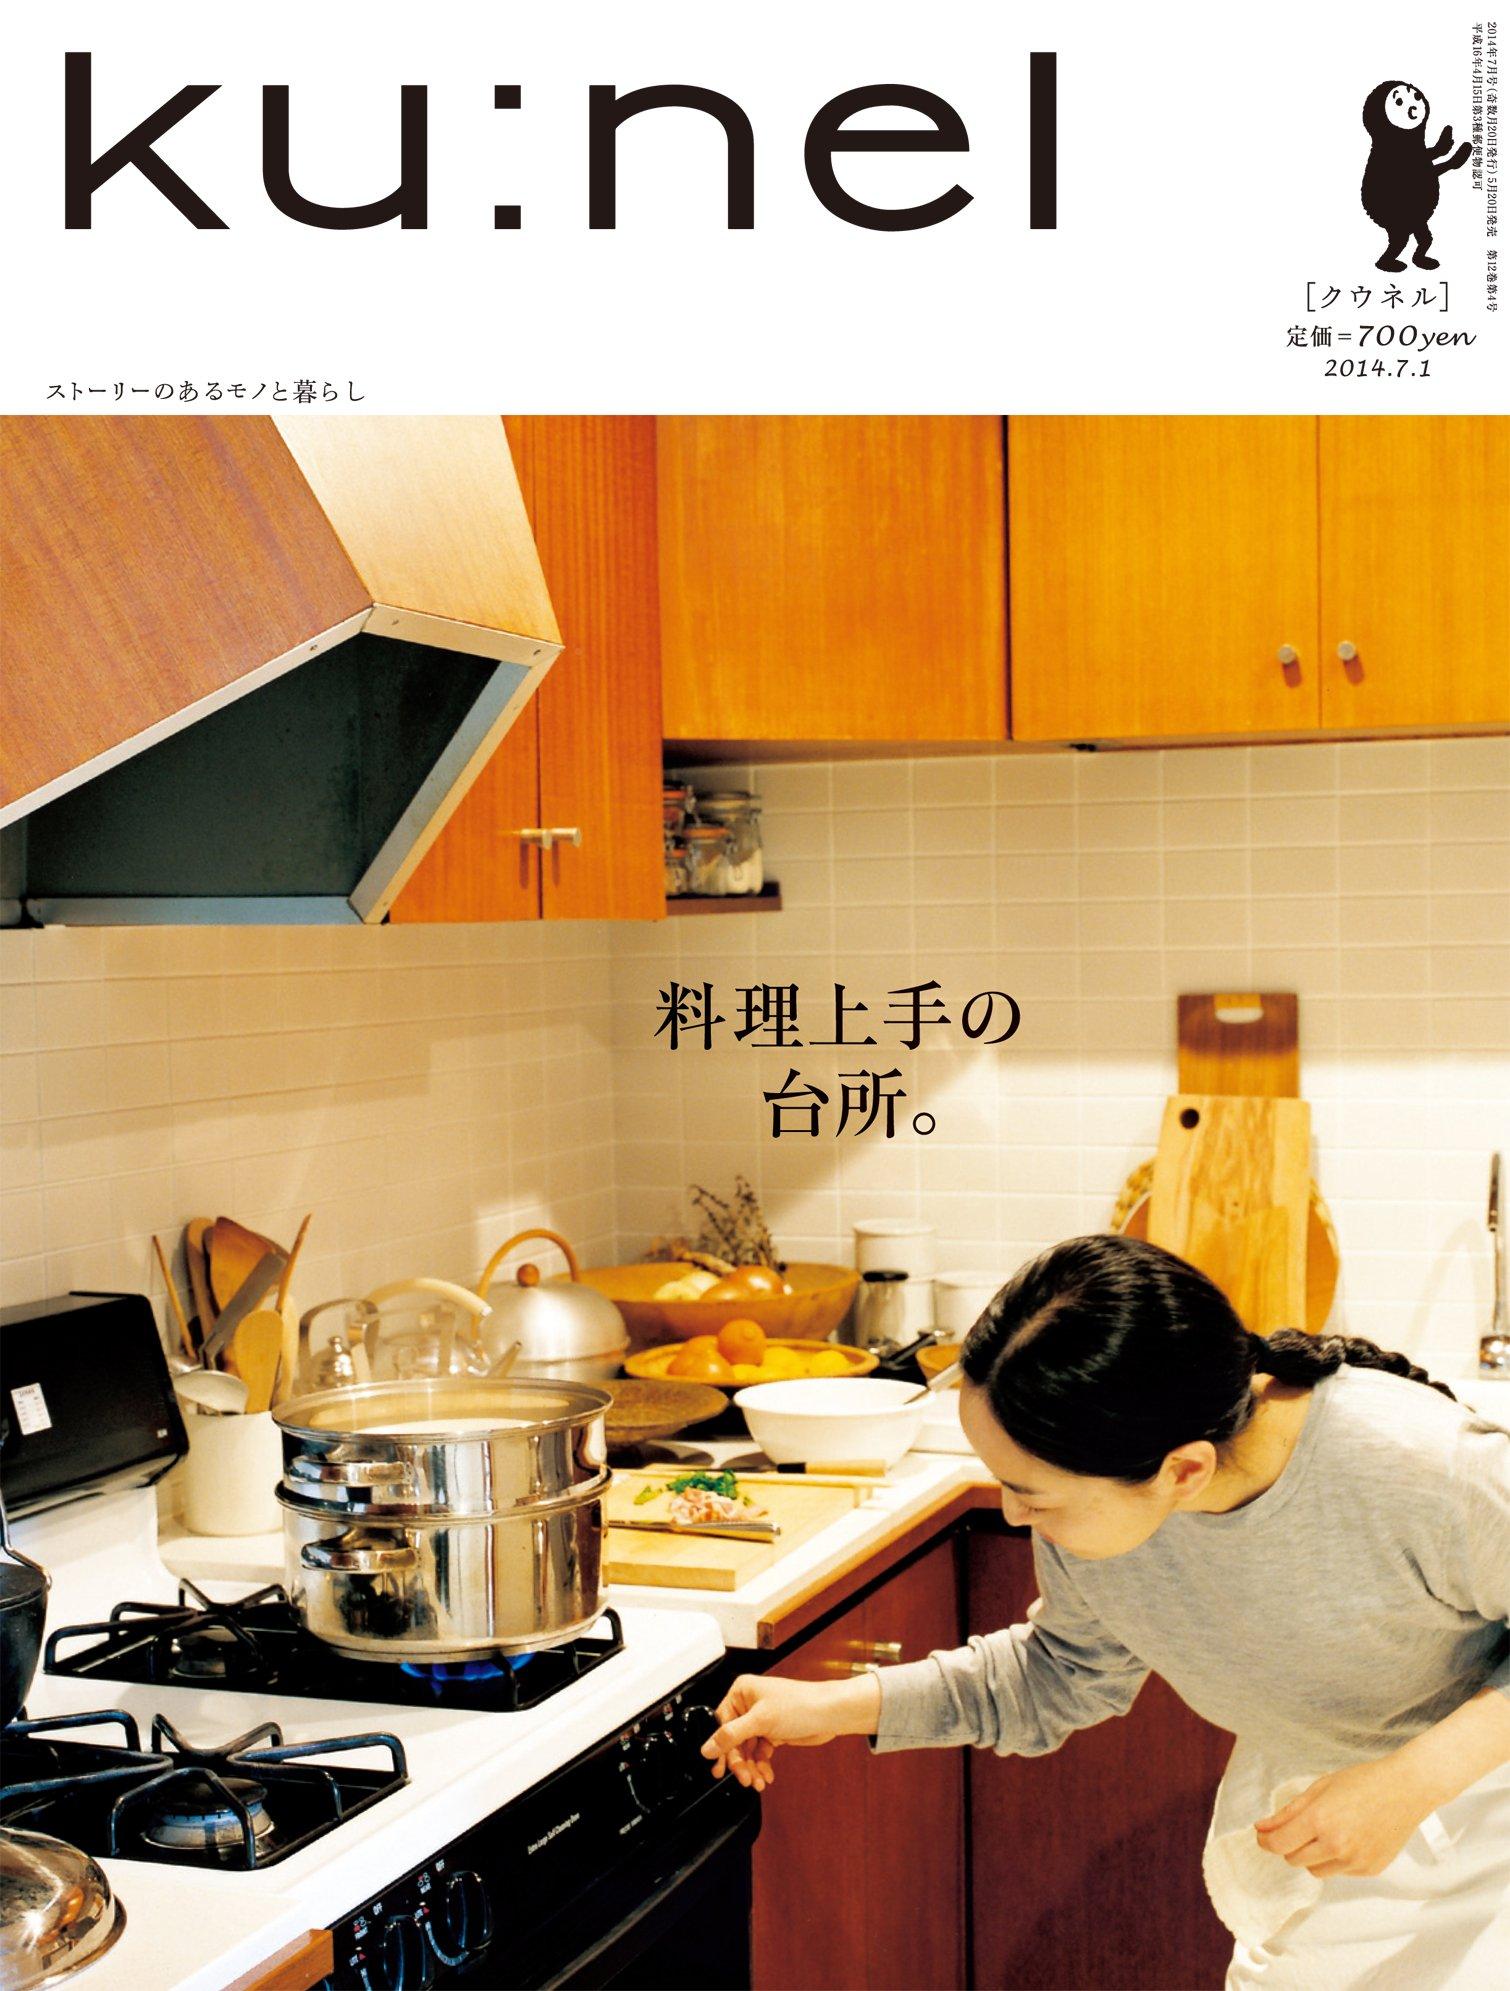 クウネル 68号 (used)